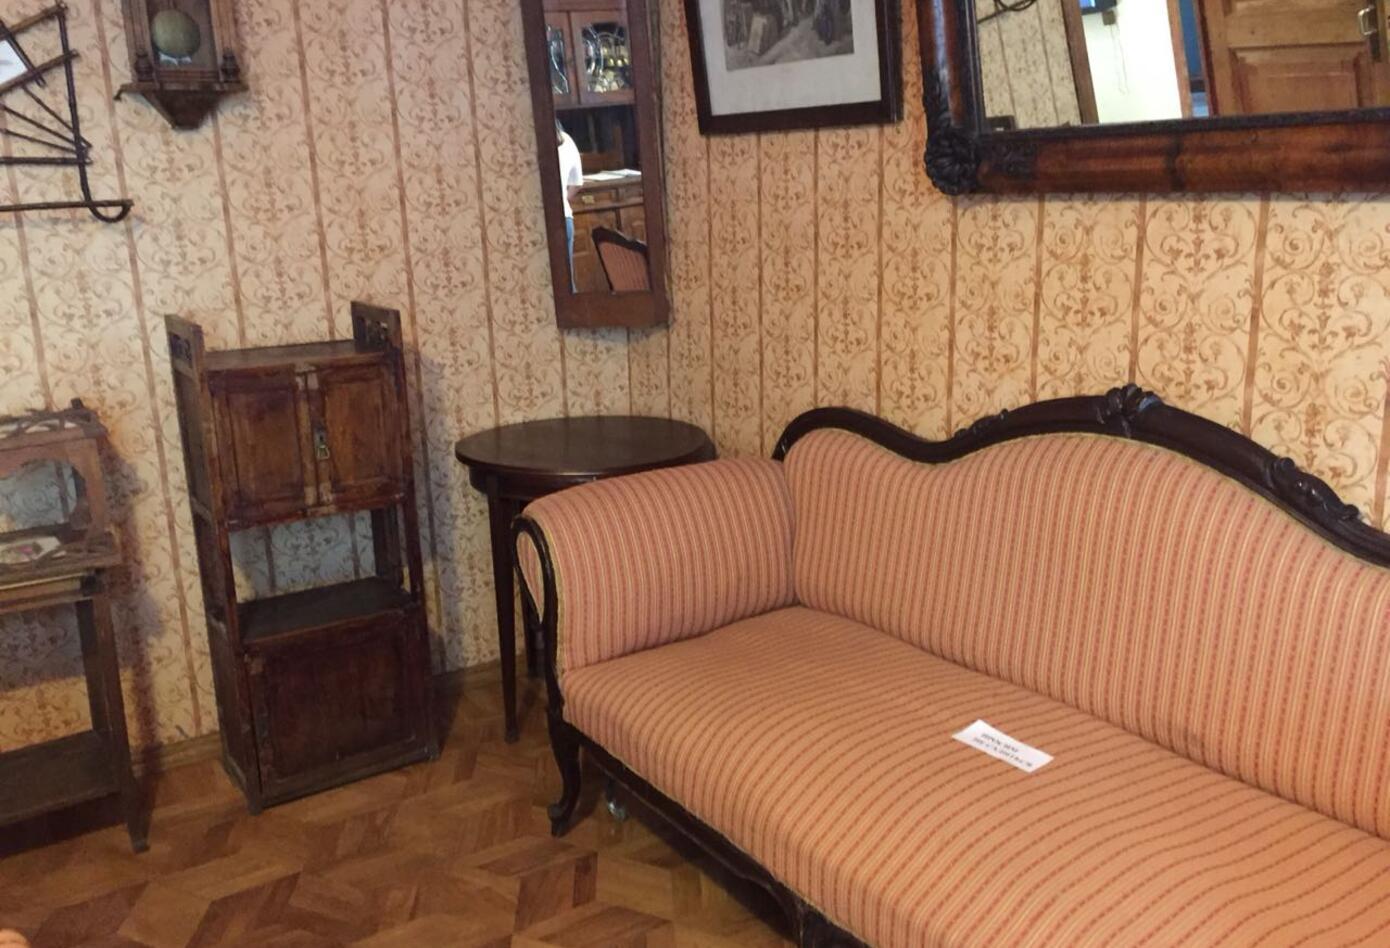 Los rincones, los espacios y el pasado de la vivienda de Mijaíl Bulgákov.